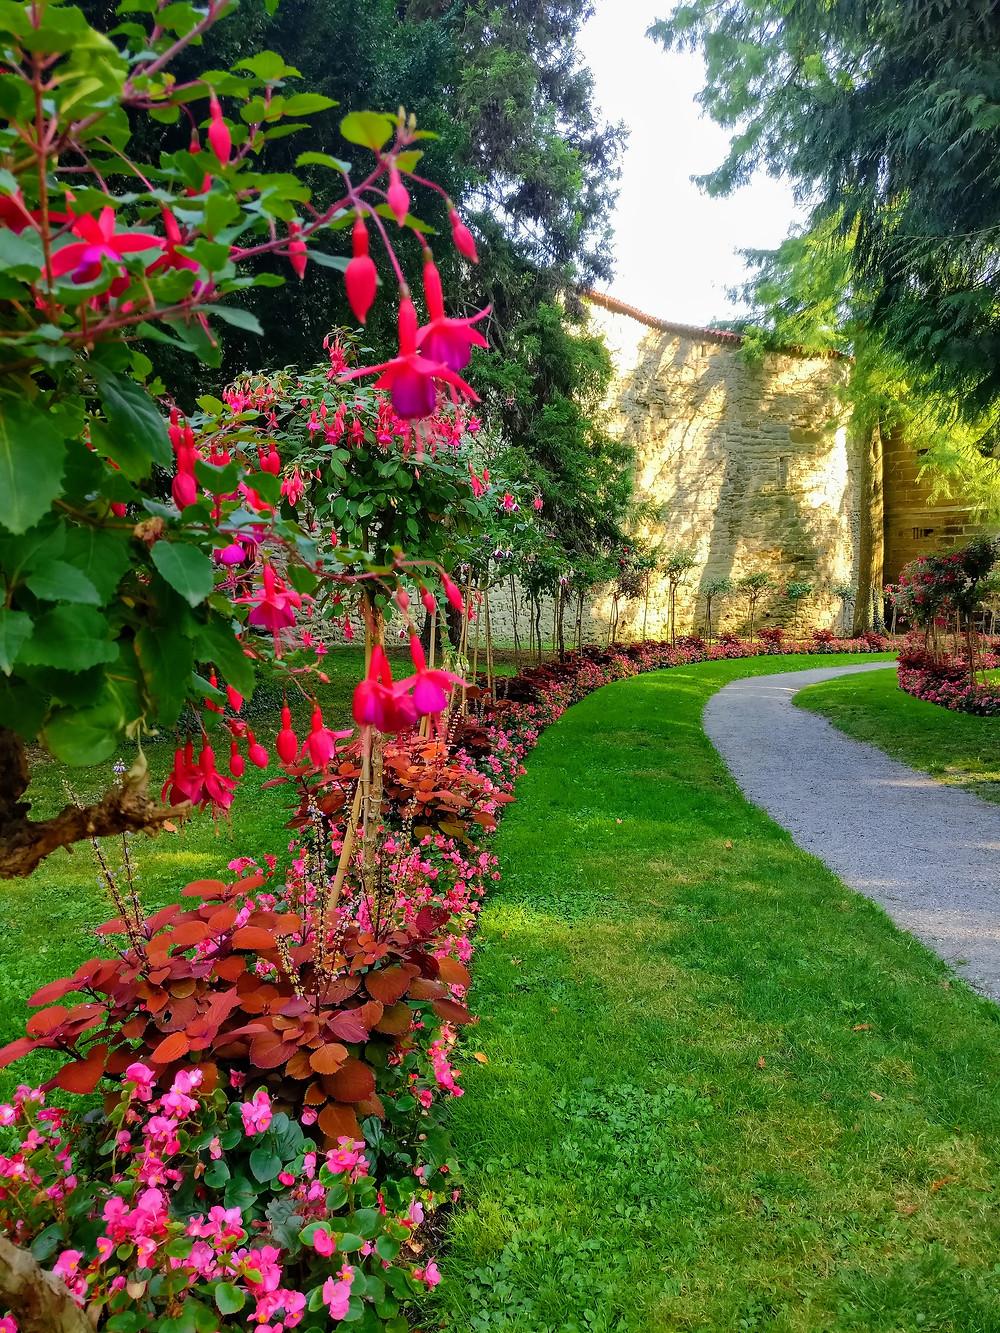 Der Stadtgarten von Überlingen bietet wie die Blumeninsel Mainau ein mediterranes Klima